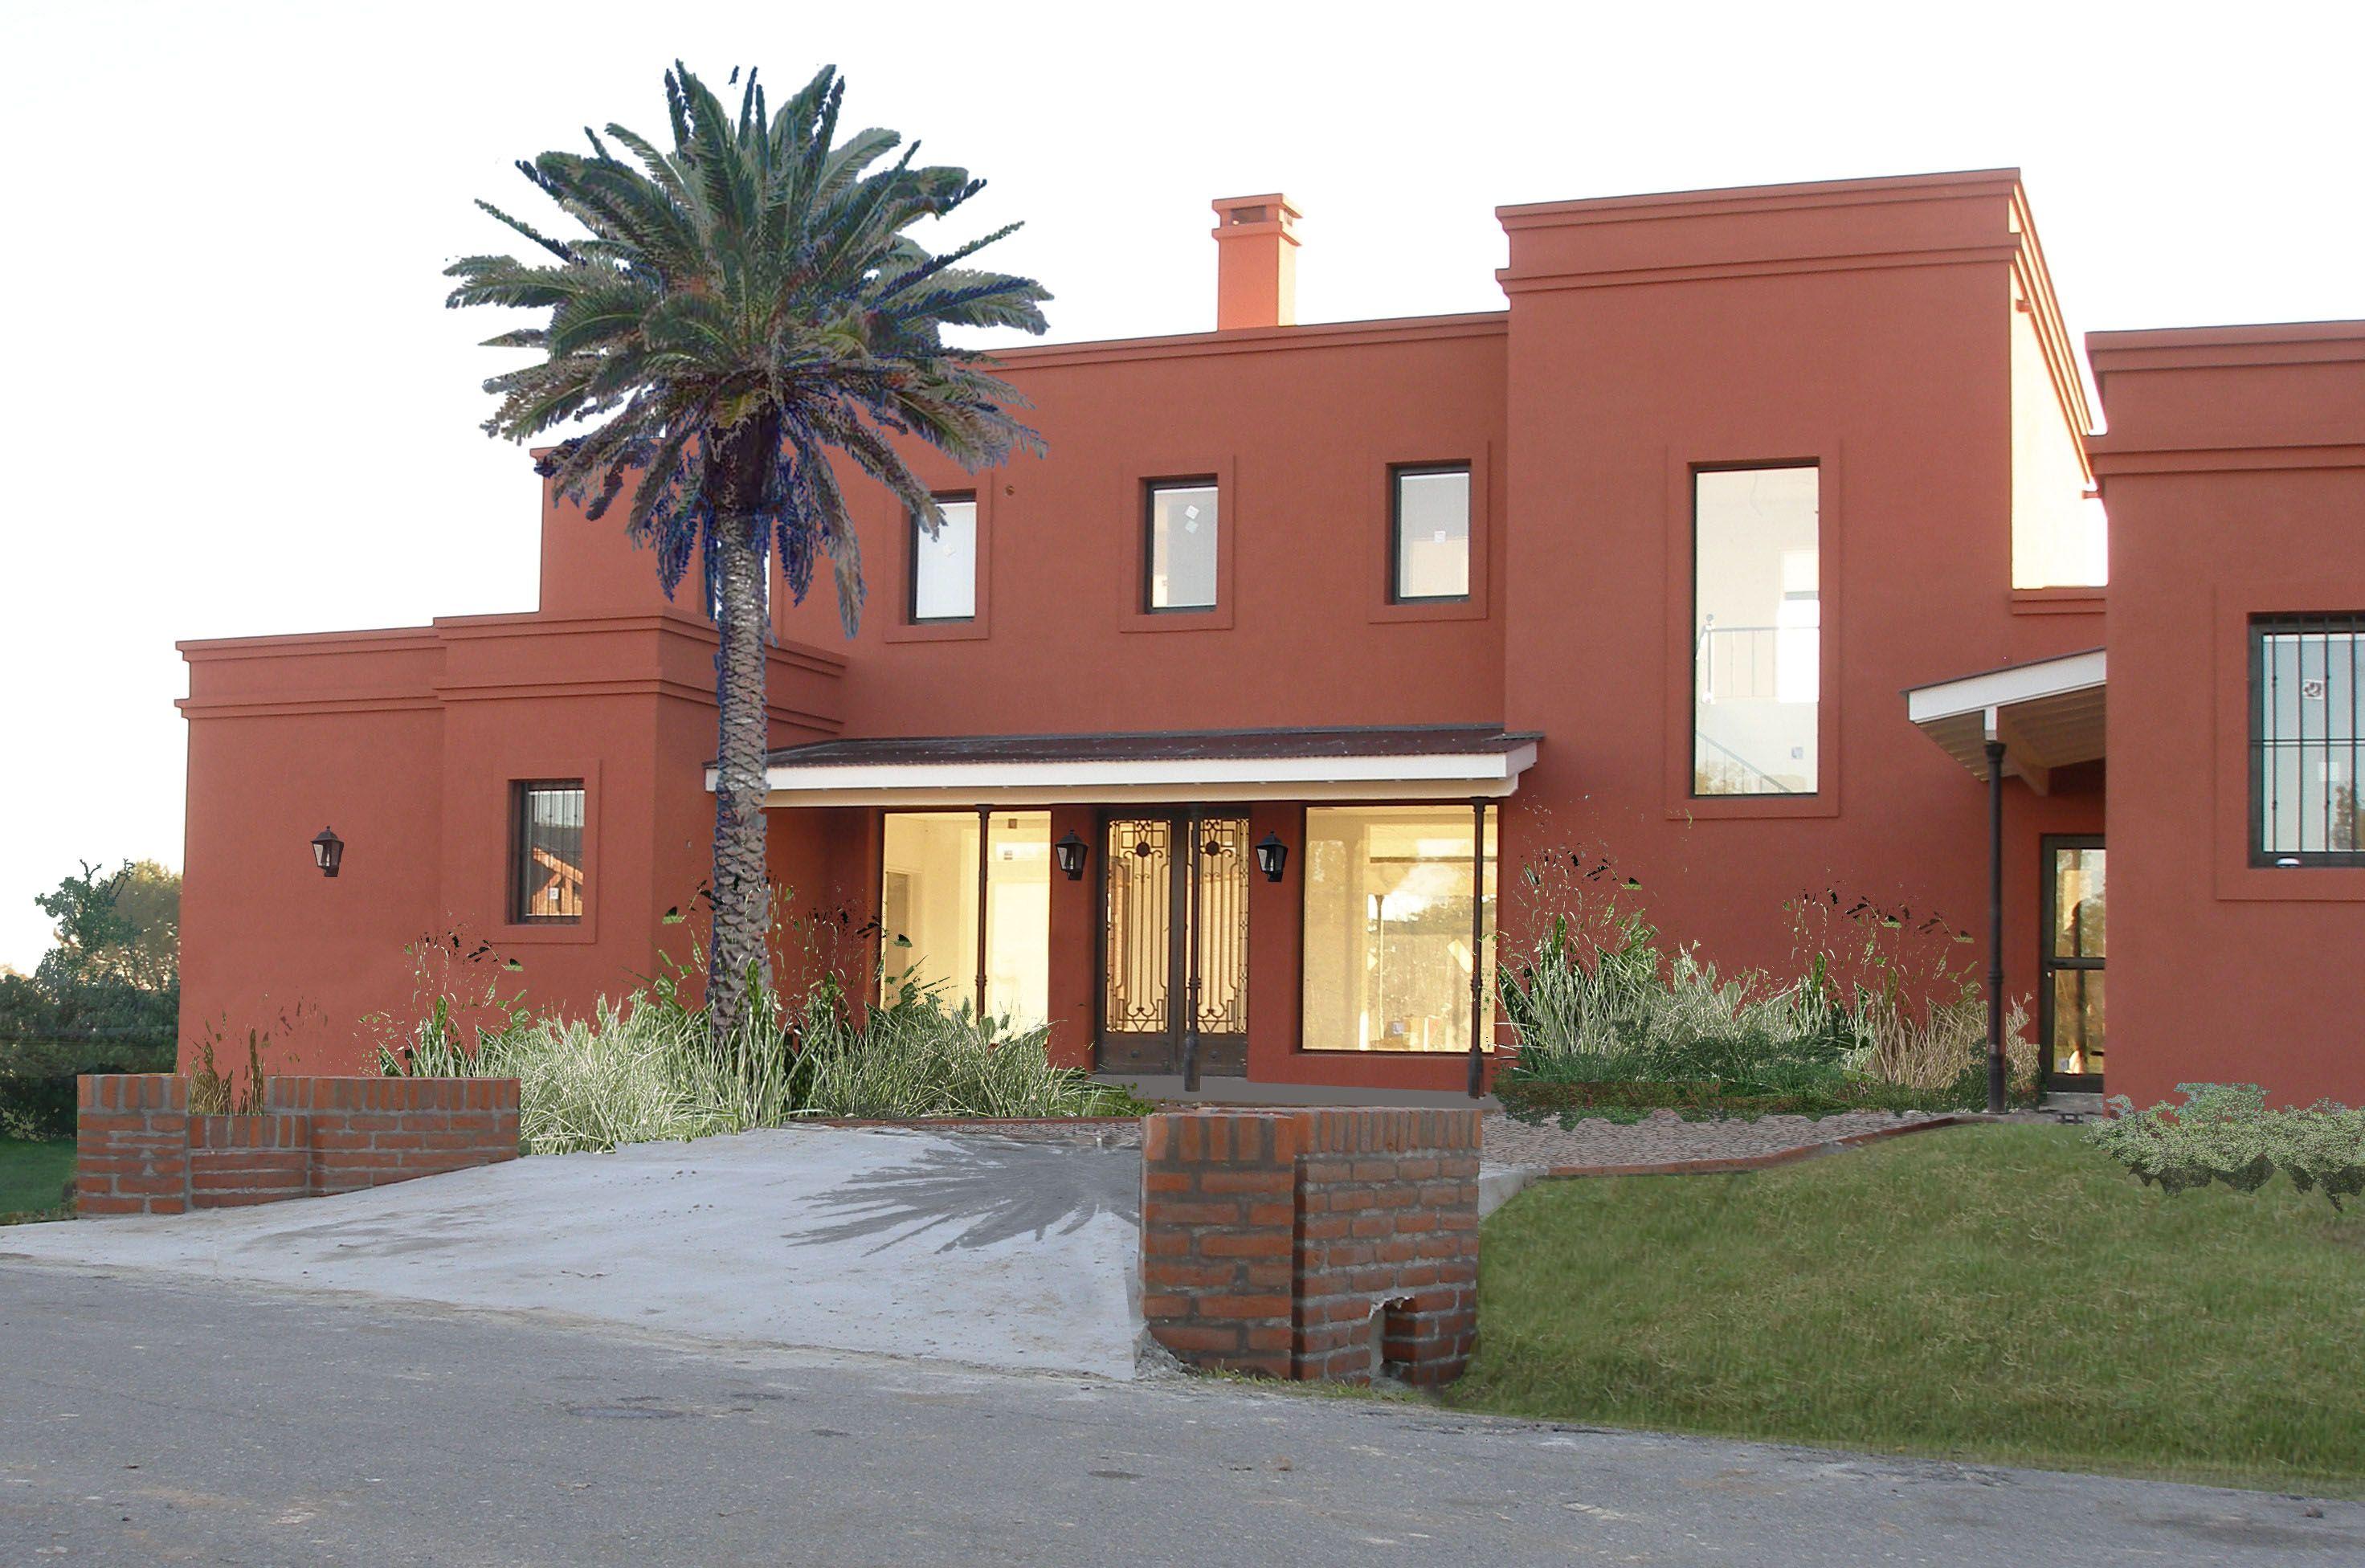 Casa de campo en haras san pablo concept home - Casa de revestimientos ...